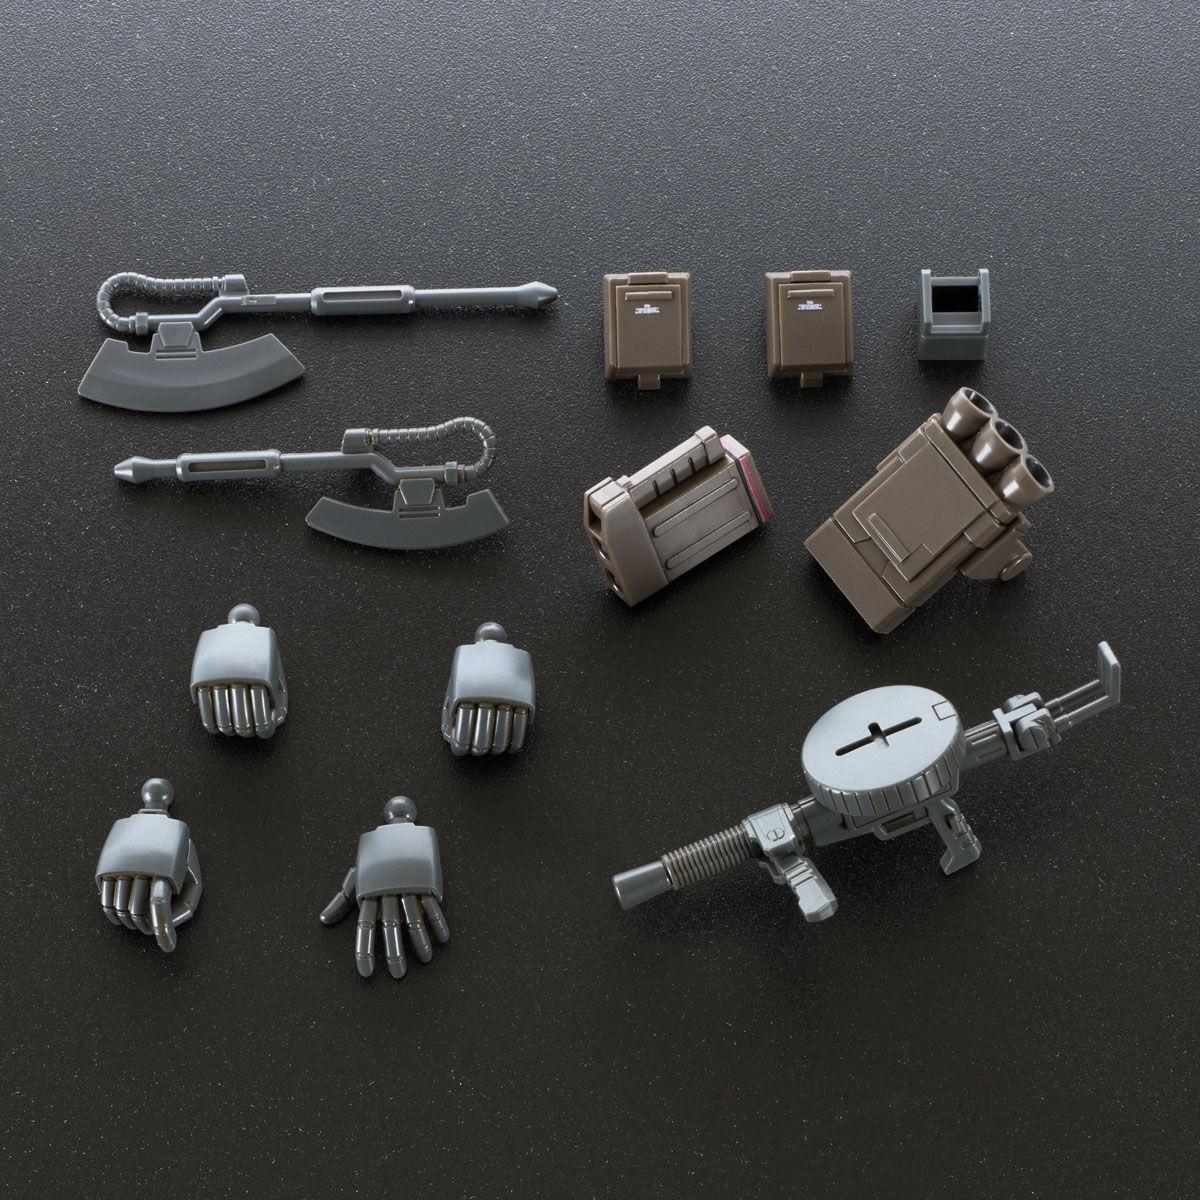 【限定販売】HG 1/144『ザク・デザートタイプ(ダブルアンテナ仕様)』プラモデル-009